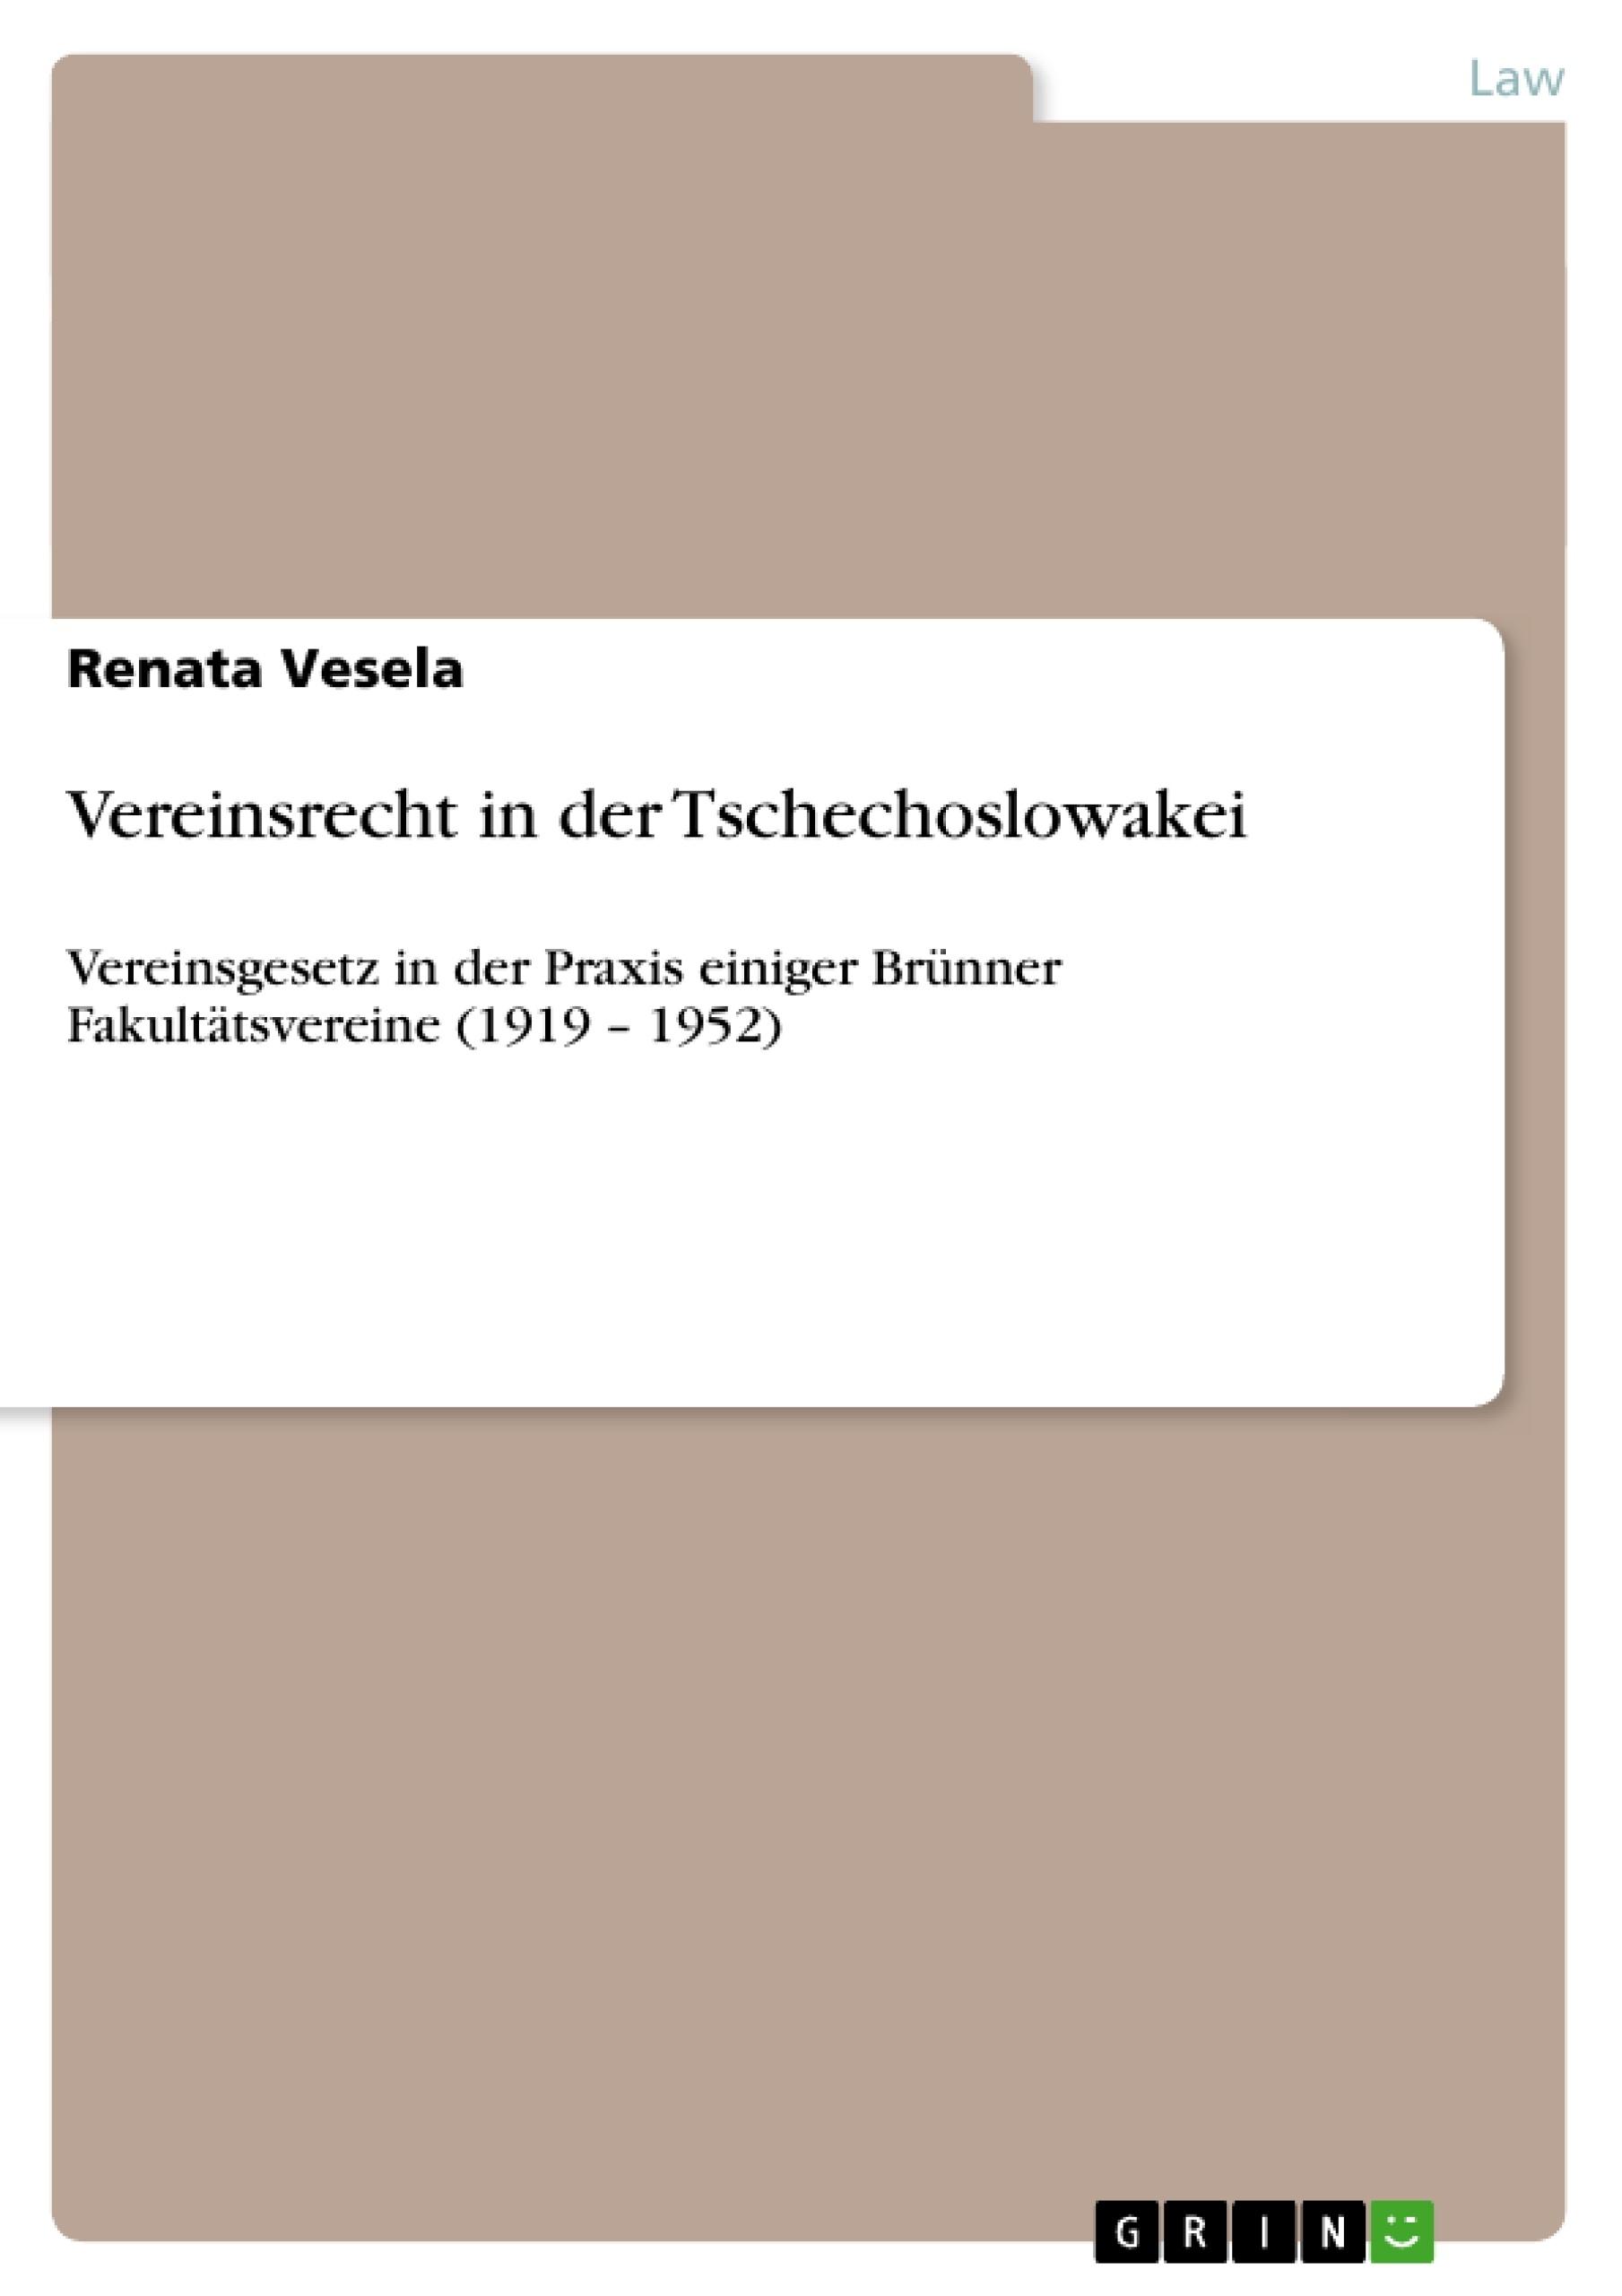 Title: Vereinsrecht in der Tschechoslowakei